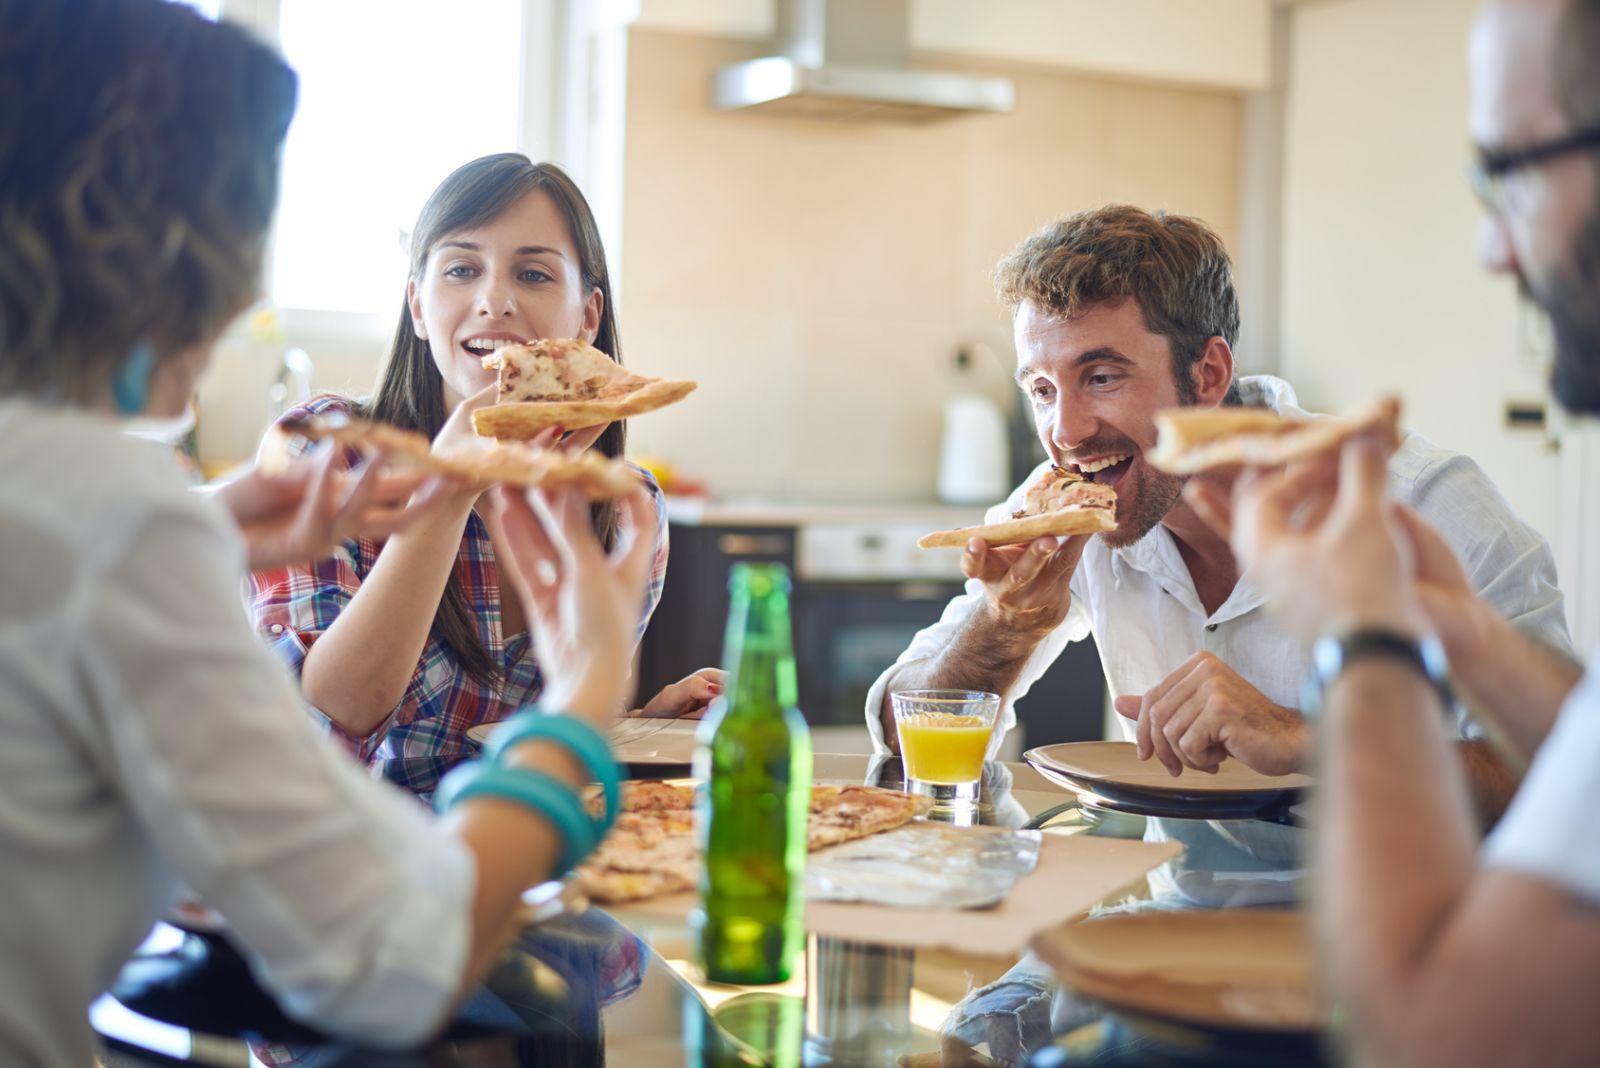 Kebap yiyenin beyni gelişir